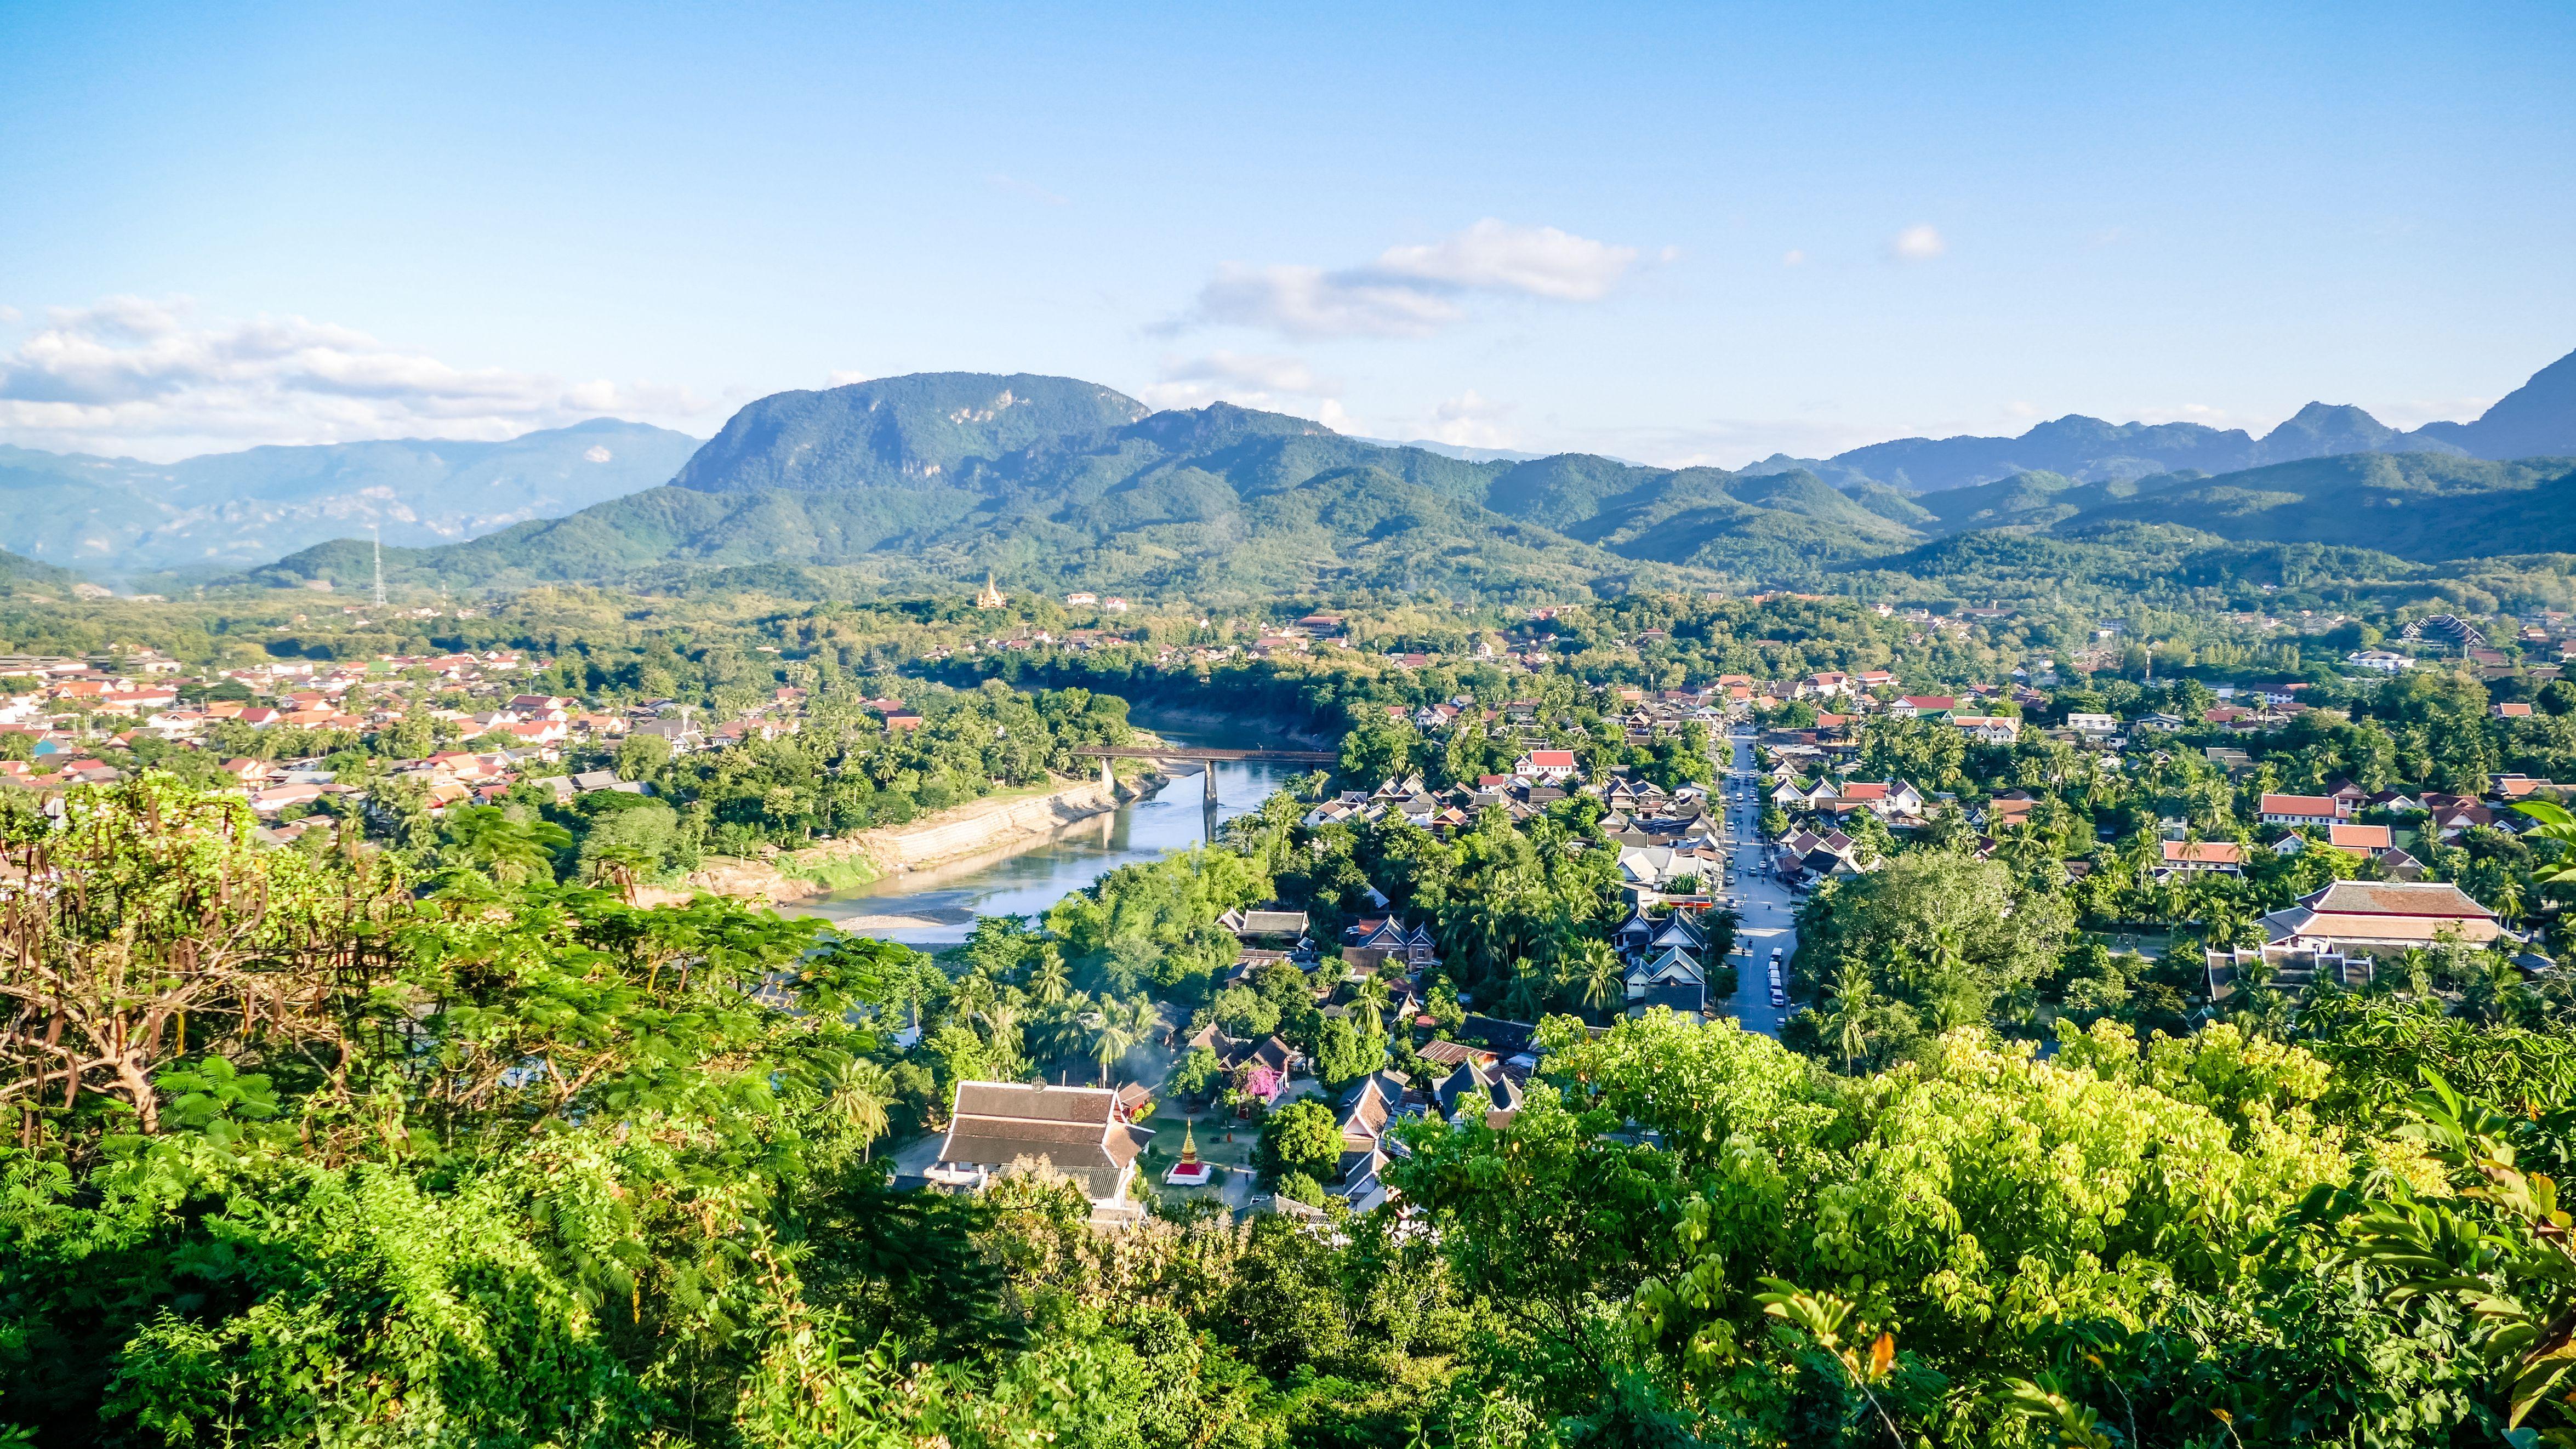 Luang Prabang, the ancient capital of Luang Prabang Province in northern Laos